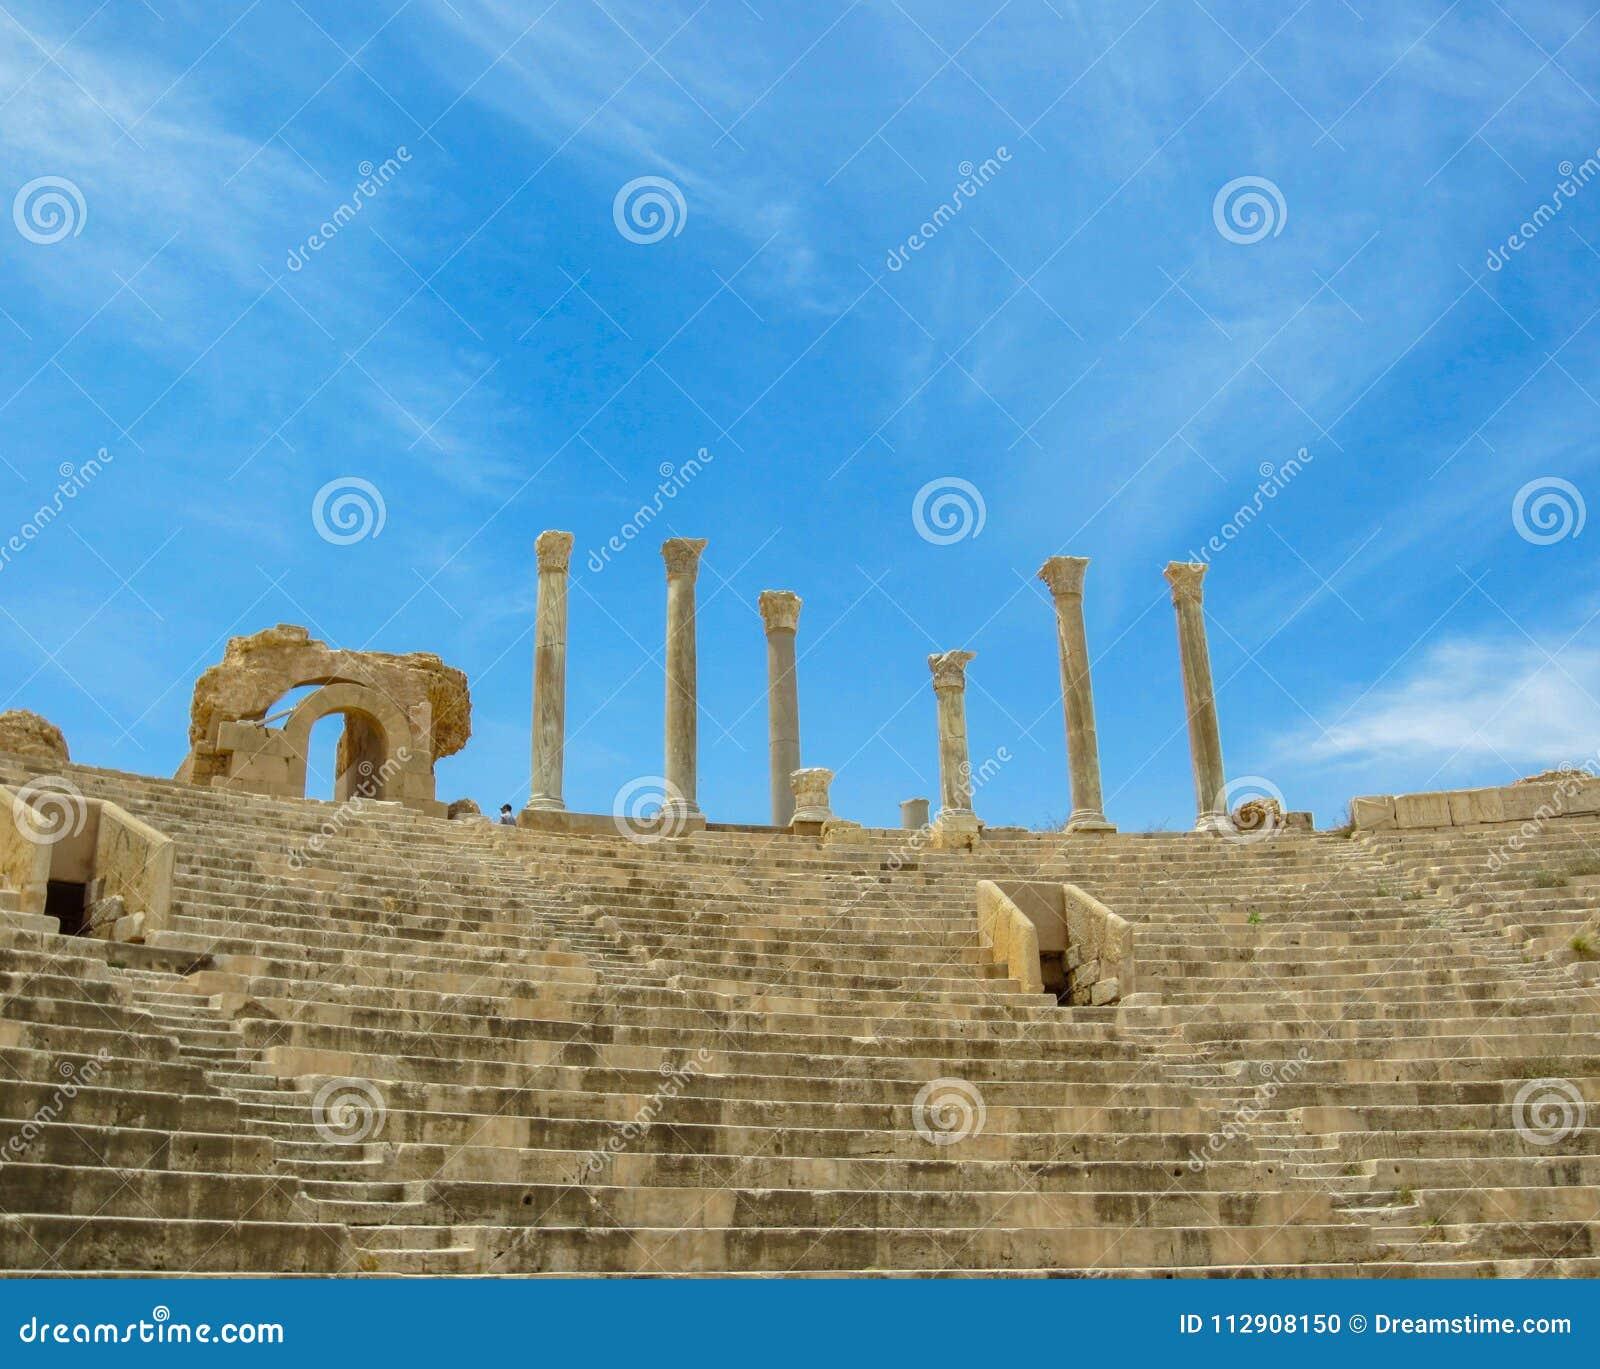 Beskåda upp trappan och visningställningarna till kolonner mot himmel på den forntida romerska teatern av Leptis Magna i Libyen